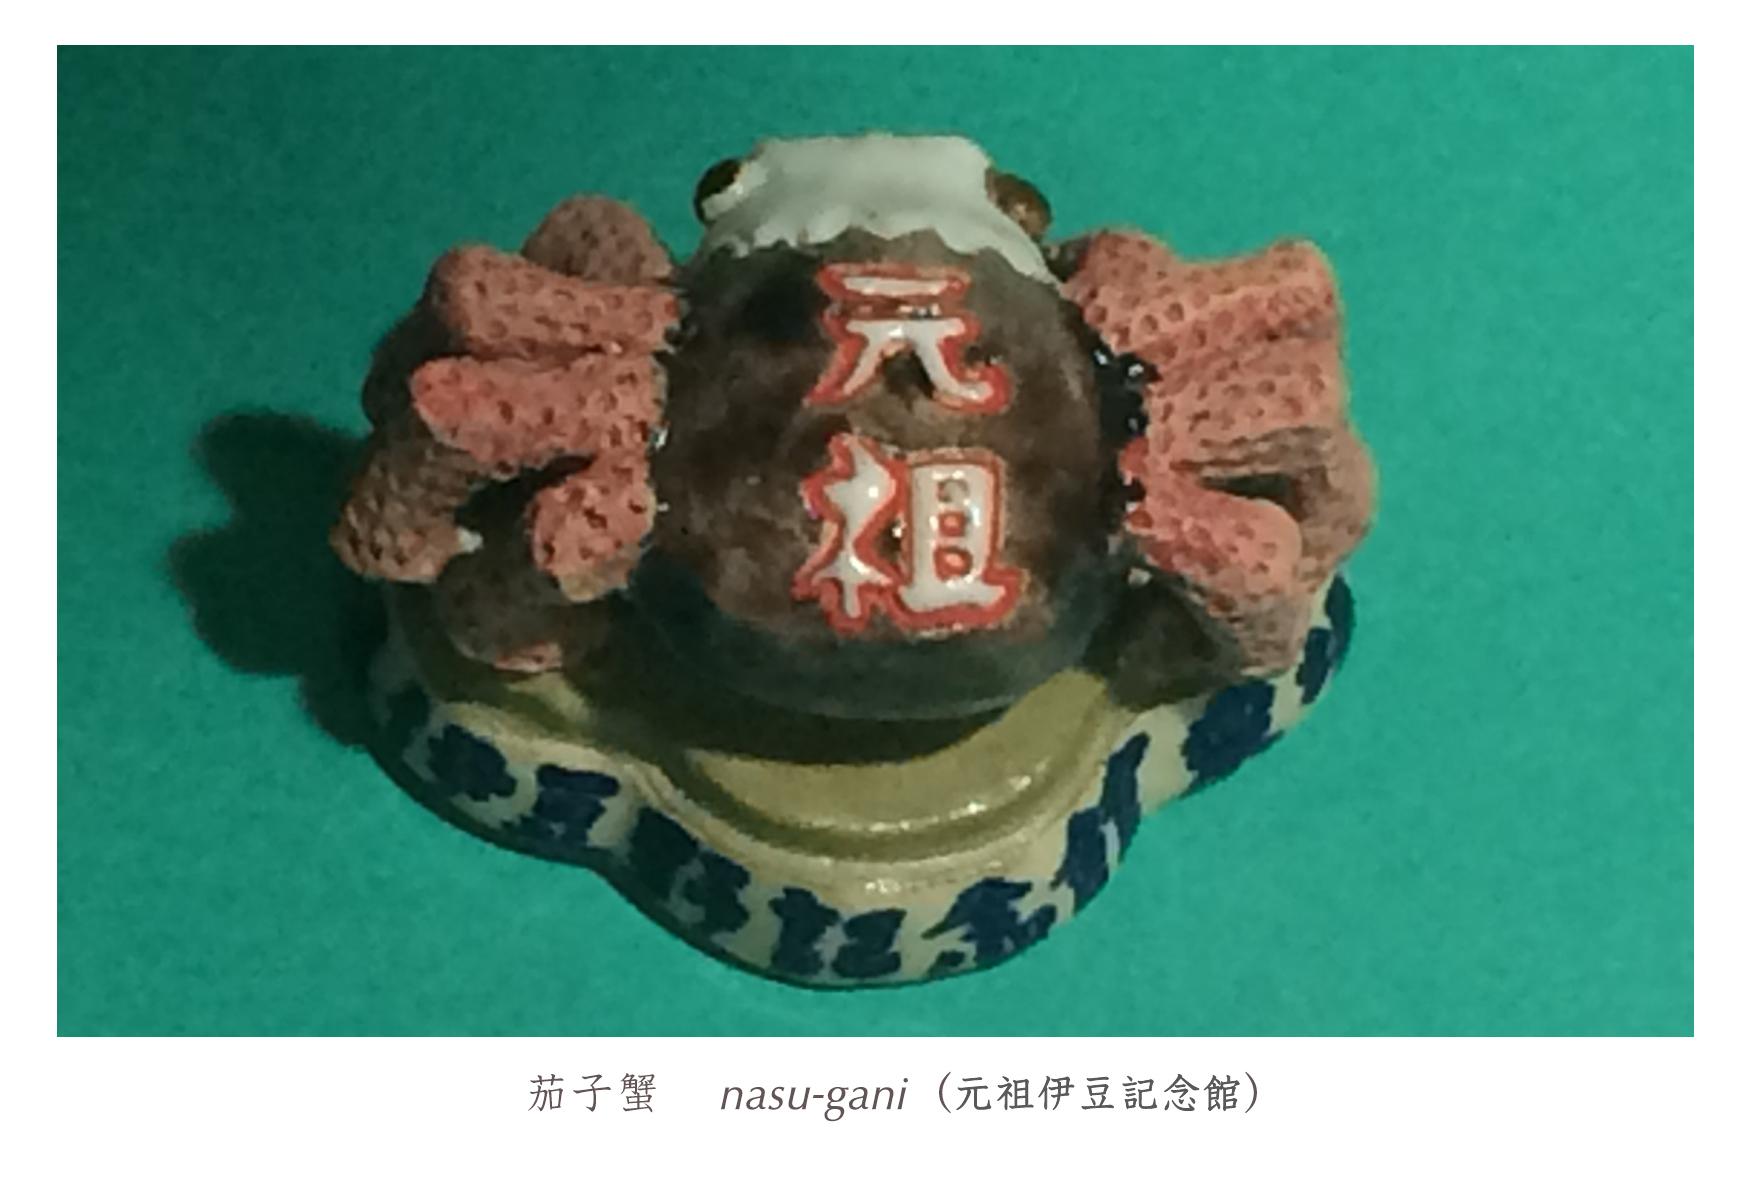 元祖伊豆記念館のお土産